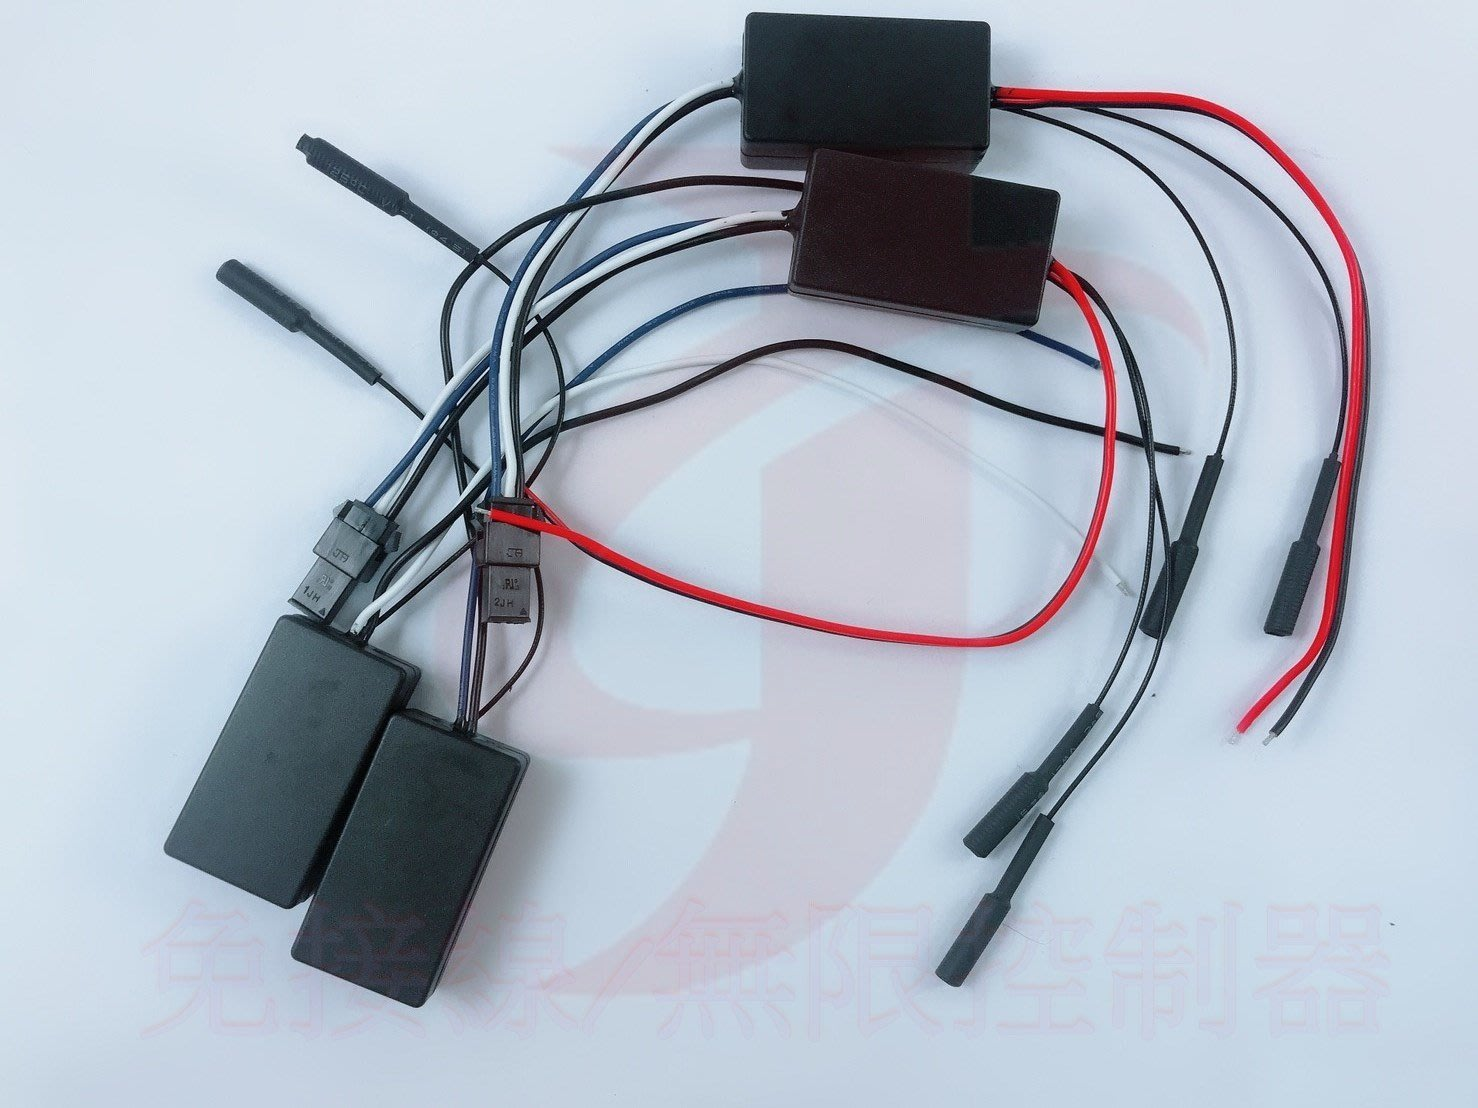 ?金強車業? 後視鏡流水燈 跑馬燈 方向燈 小燈 定位燈 序列式 原廠部品 免接線控制組